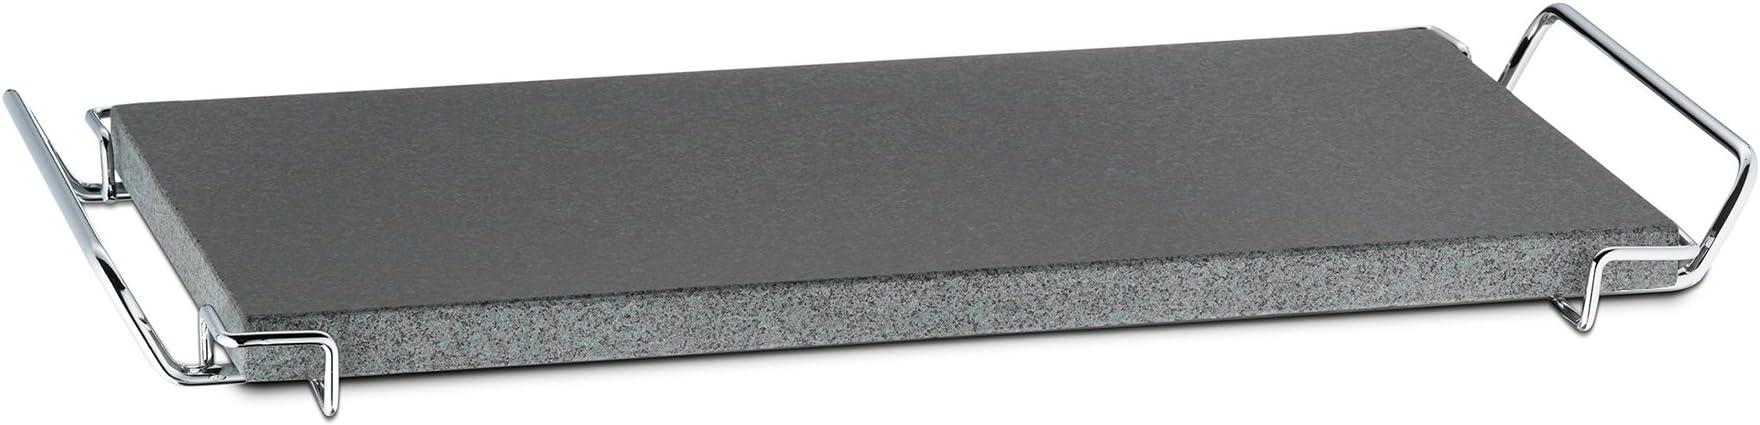 kela 16646 Piedra con hornillo, 6 Piezas, Granito Piedra, 51 x 22,5 cm, para Ca 4 Personas, Metal/Cromado, Gusto